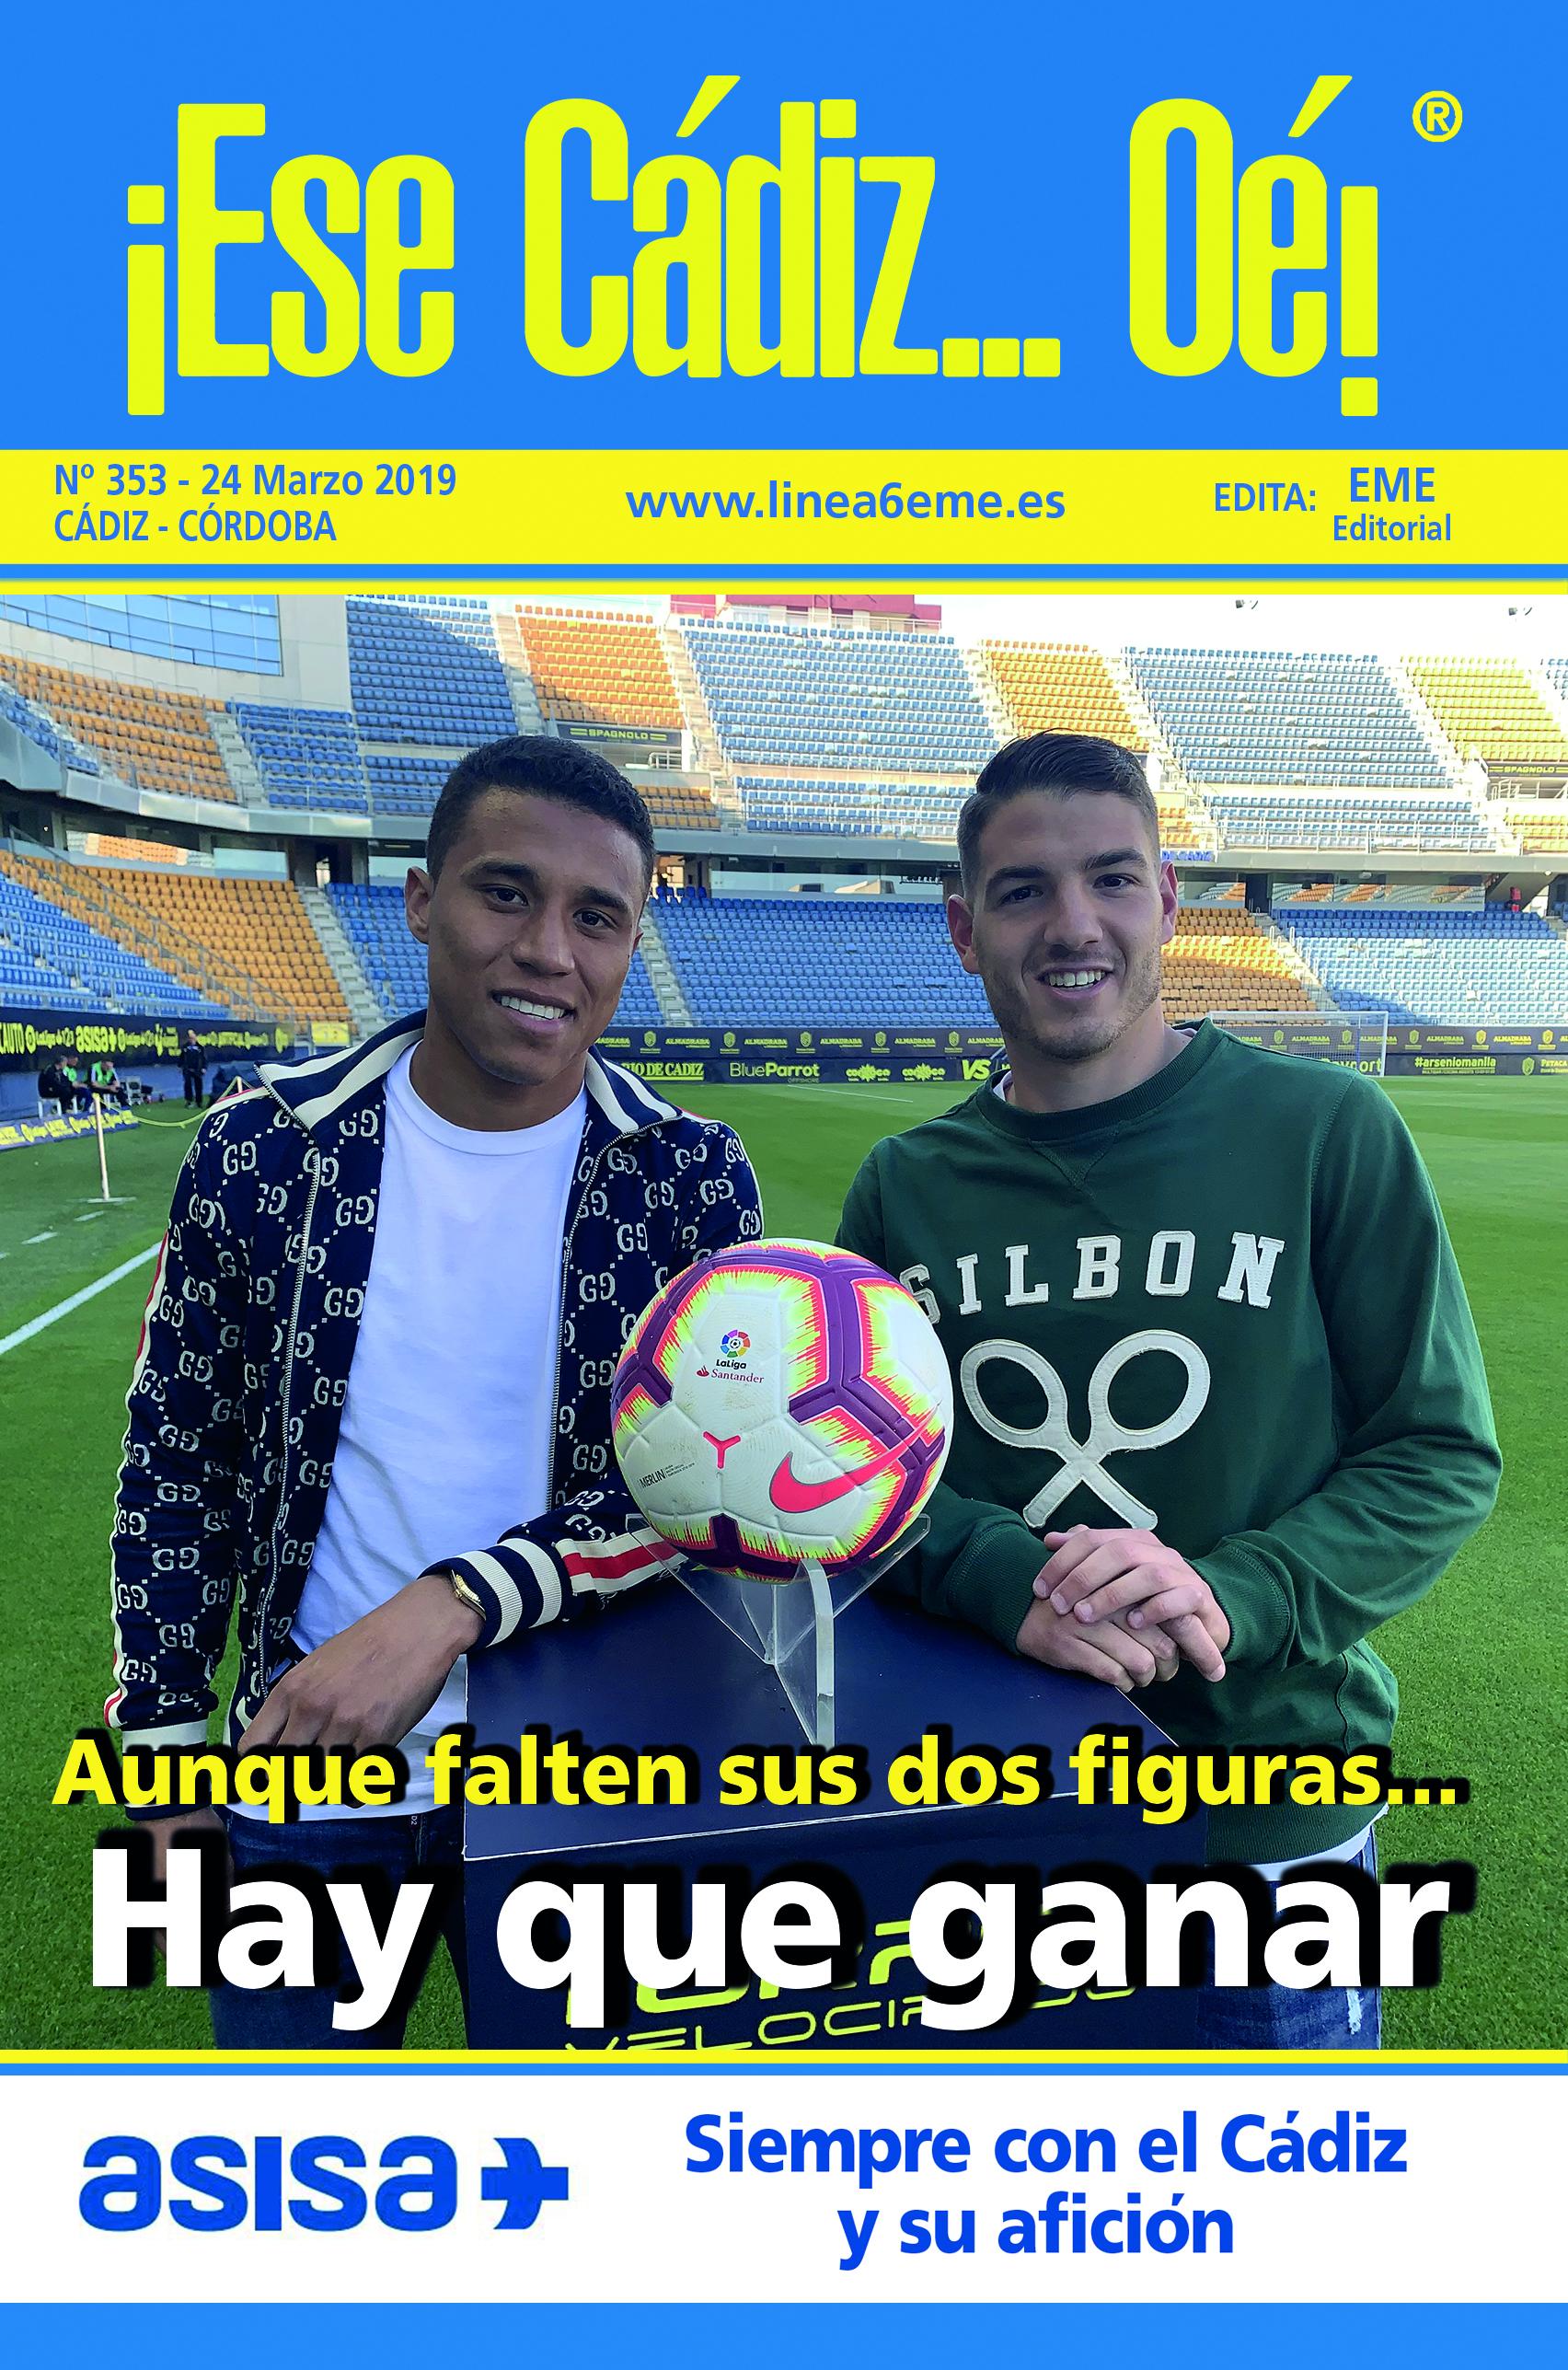 ¡Ese Cádiz…Oé! núm. 353 Temporada 2018/19